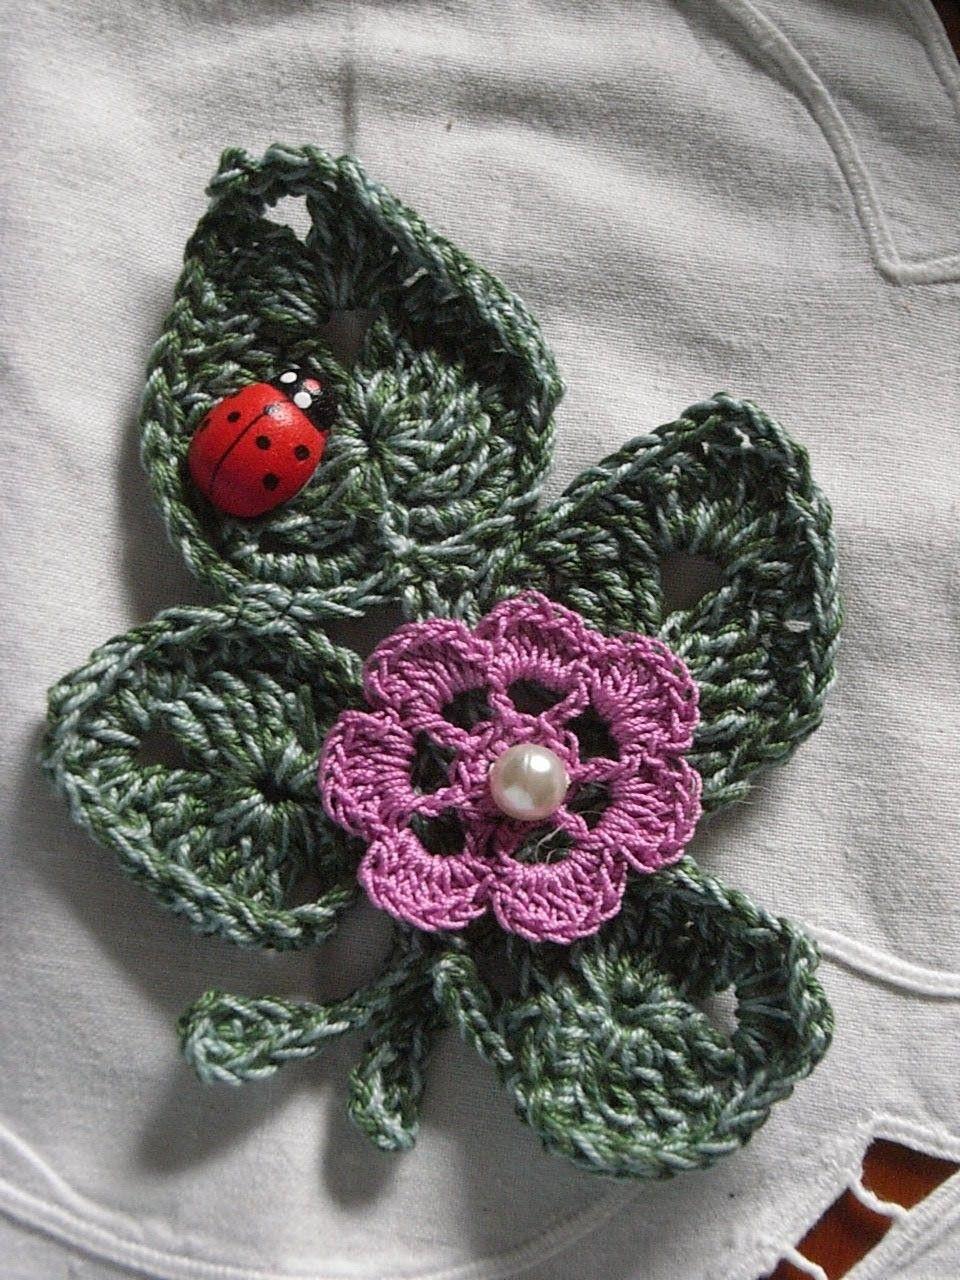 Motiv 5*Applikation blätter häkeln*crochet leaves* irish lace crochet DIY